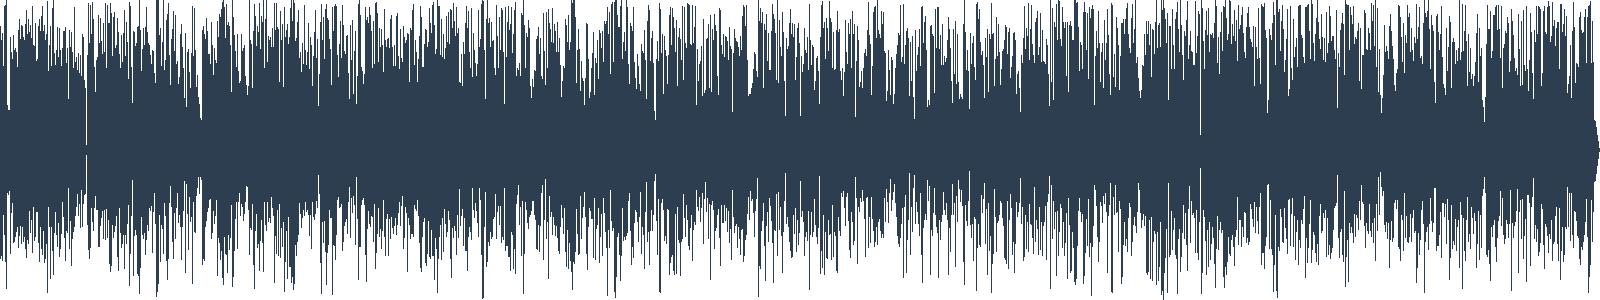 #98 Pohled do zákulisí nahrávání audioknih? waveform